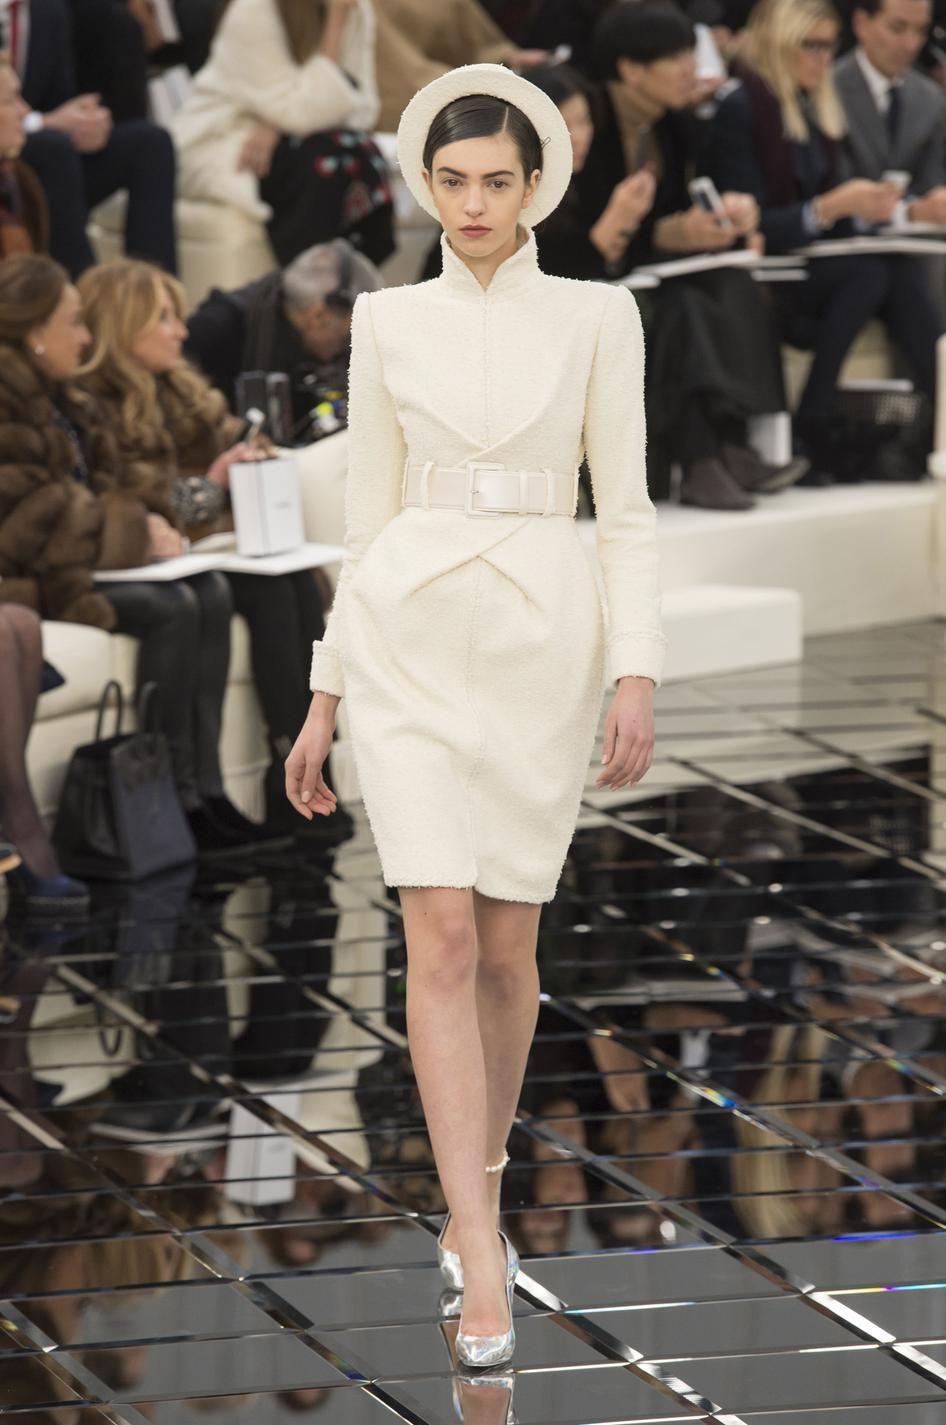 Bien connu Chanel, Dior, Elie Saab Les plus belles robes couture printemps  ZV28